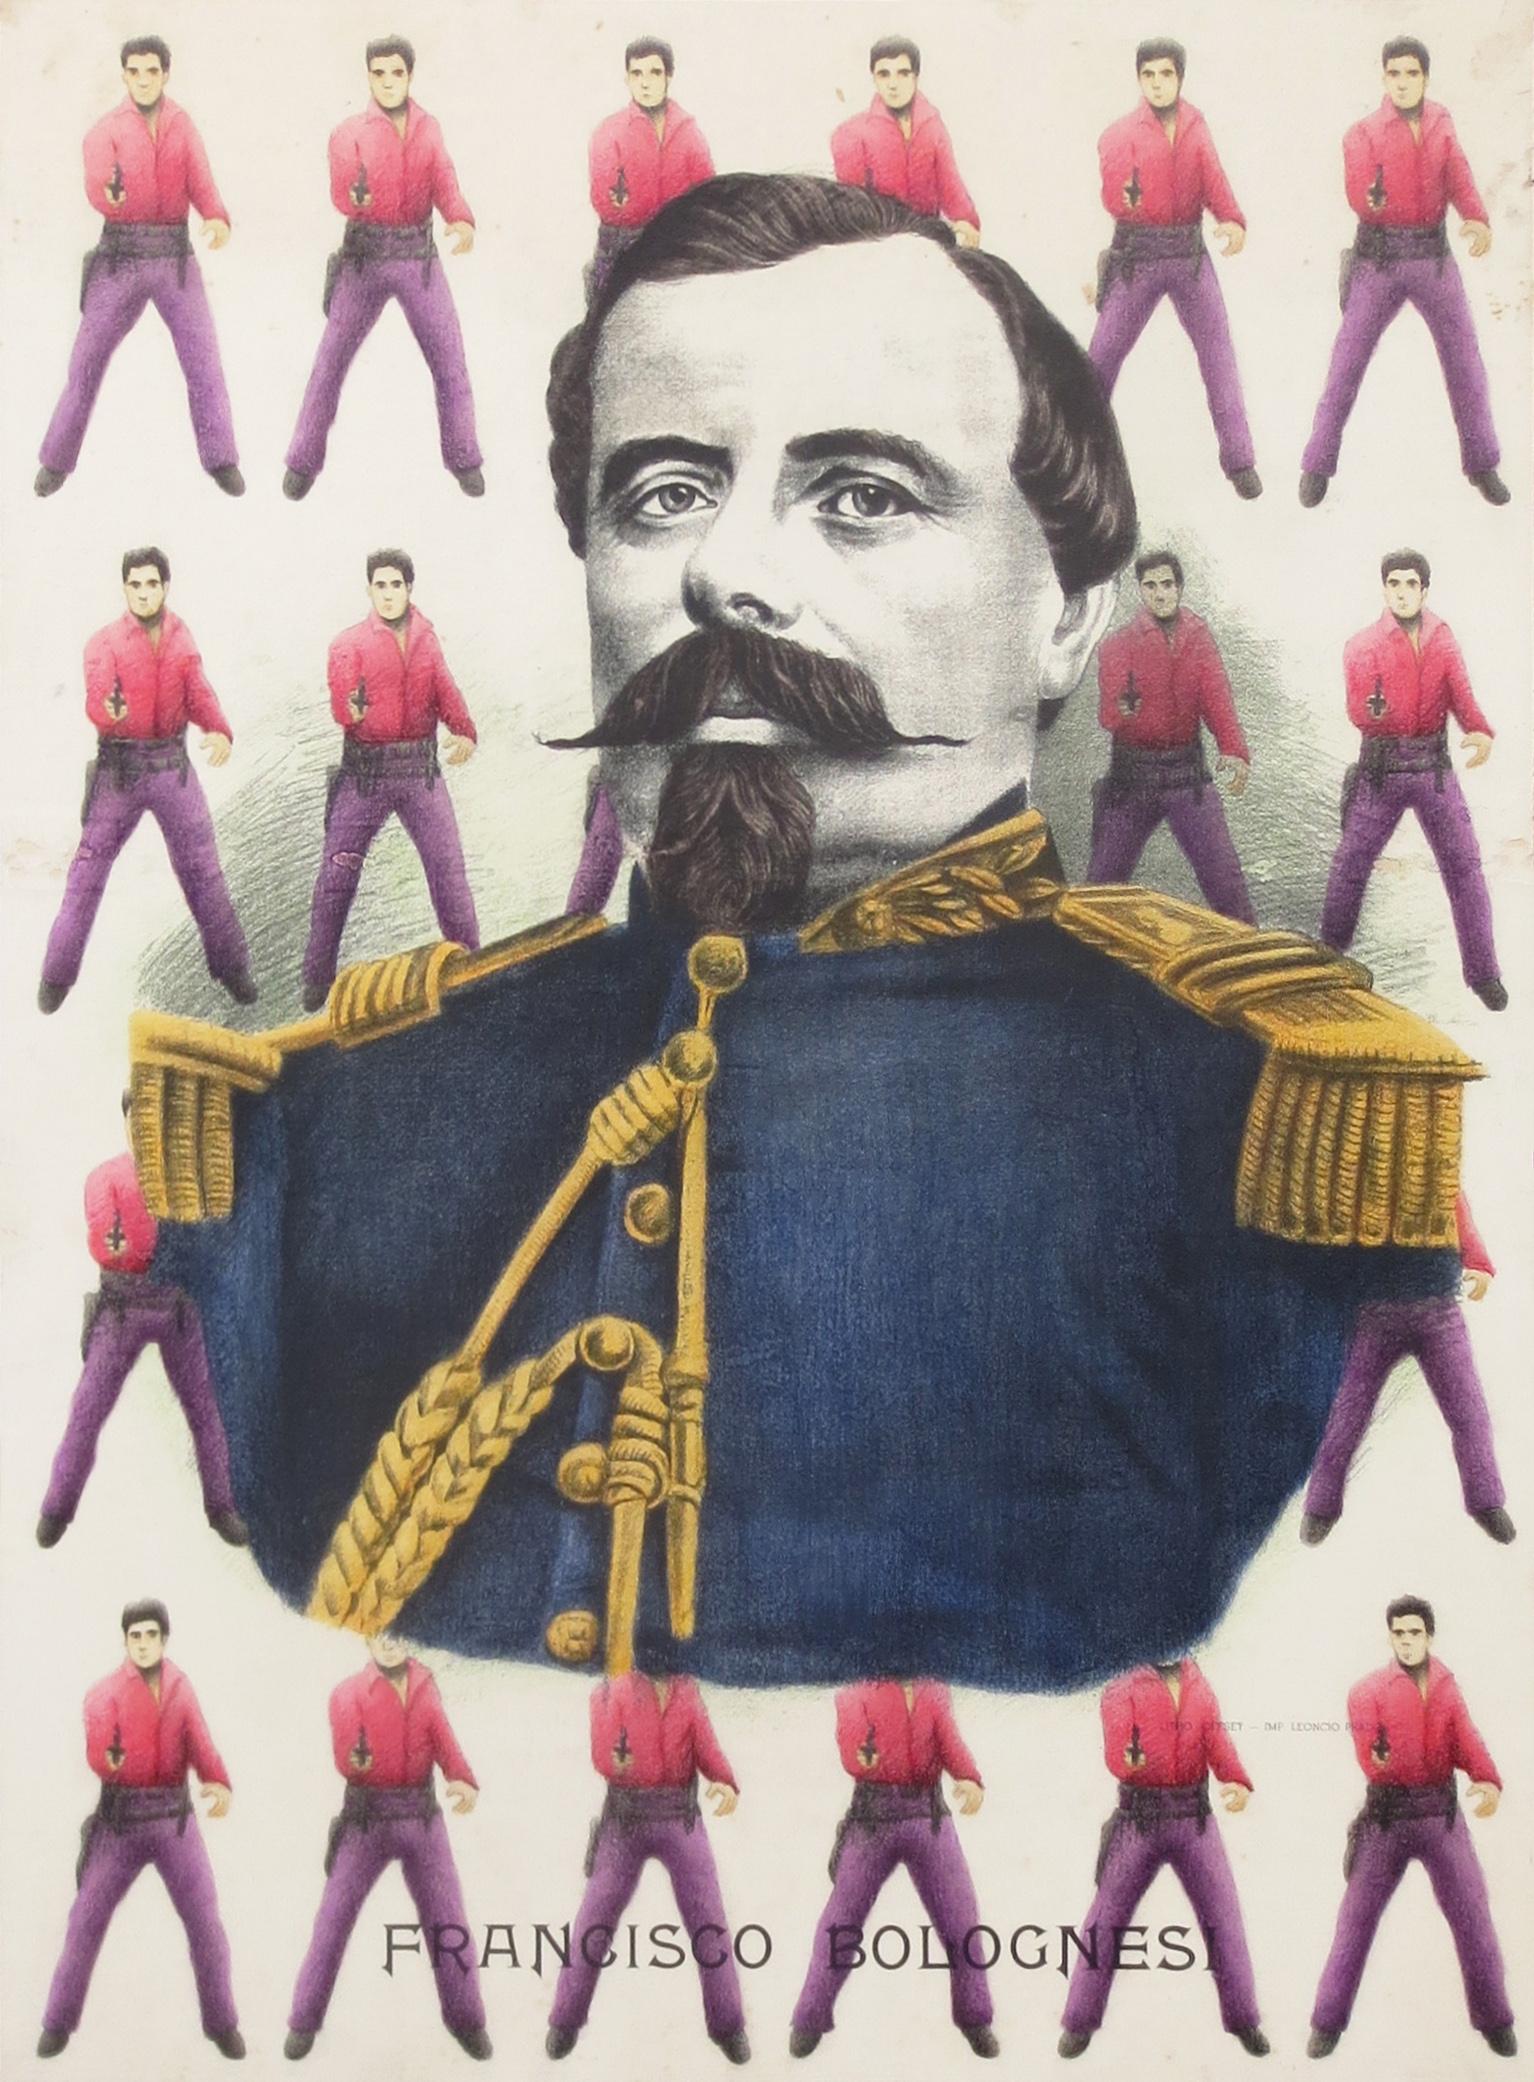 Trabajo de Aldo García Callegari que forma parte de la serie Peruanismos.